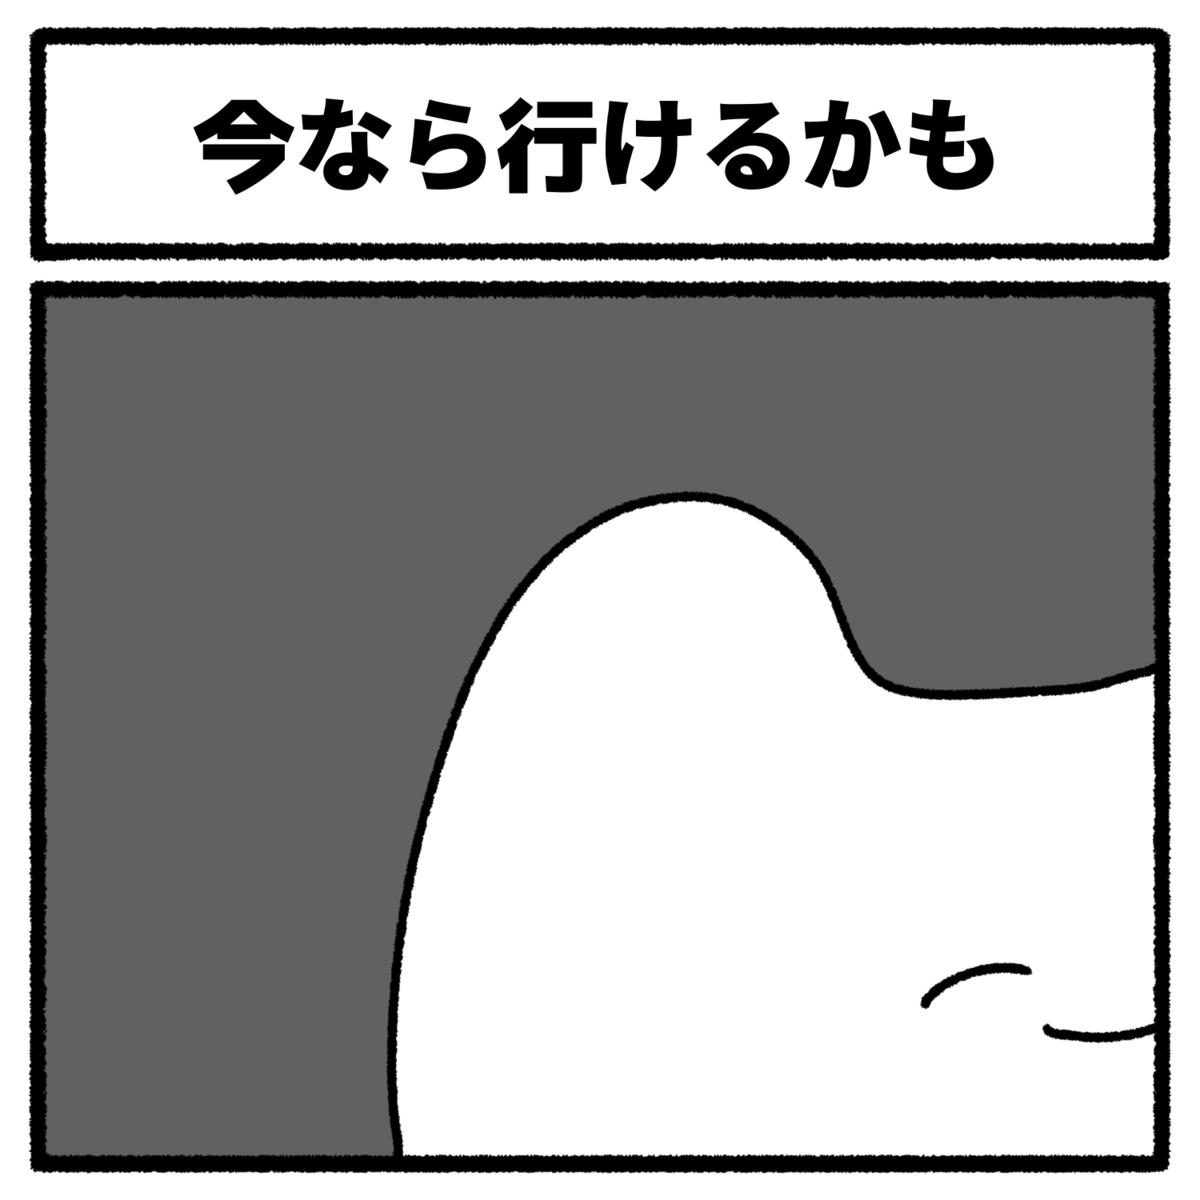 f:id:usgmen:20210525203623p:plain